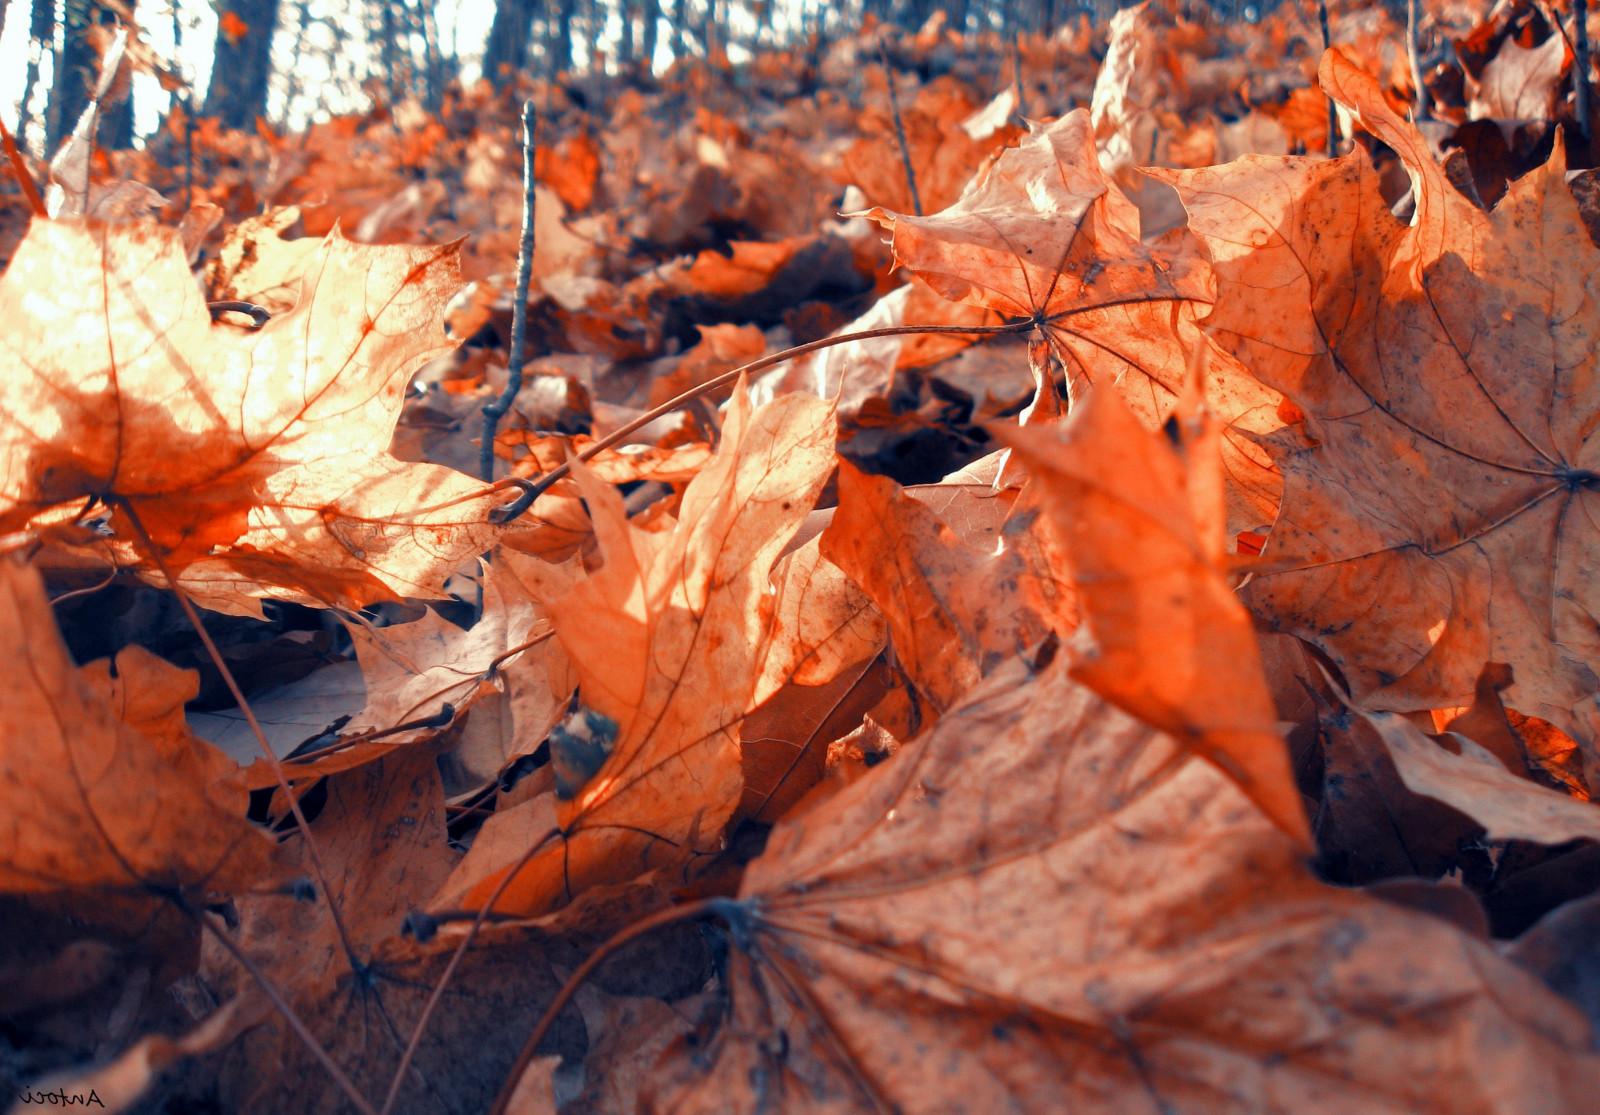 Hình nền : Bầu trời, Batman, chi nhánh, Mùa xuân, Mùa thu, Lá, thực vật, lượt xem, Cây gậy, Hình nền máy tính, Rụng lá, cây phong, lá phong, Hình ảnh mát ...